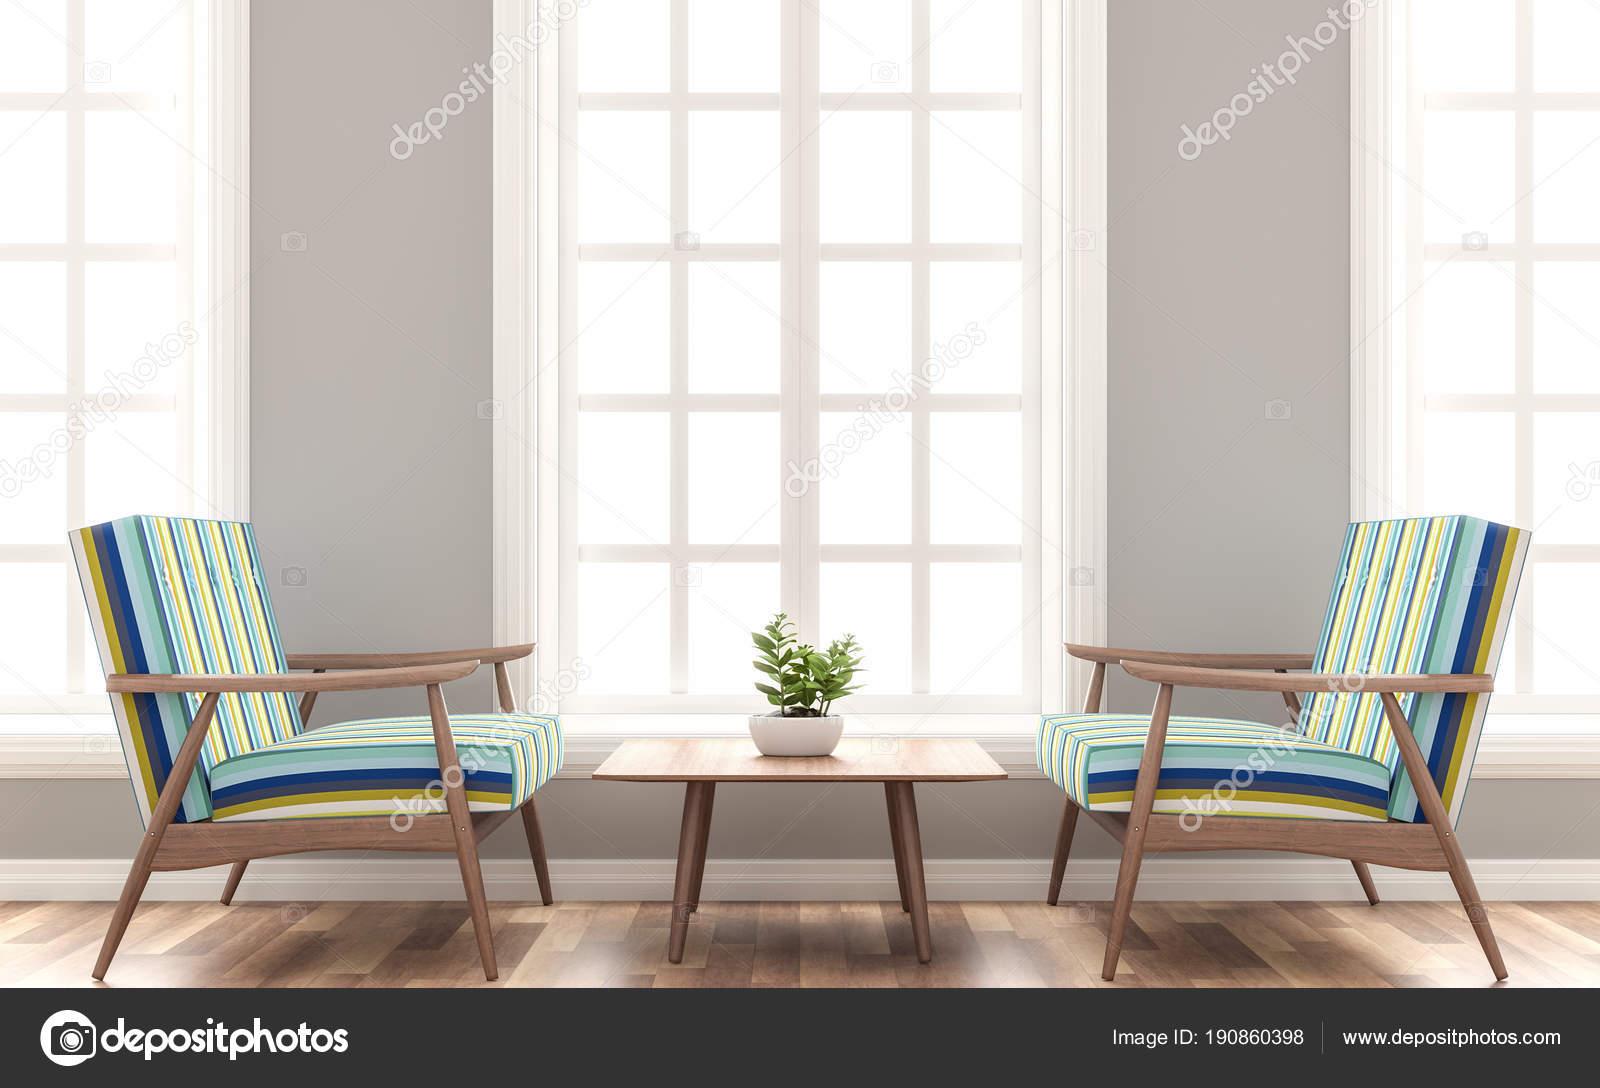 Koraalkleur De Woonkamer : Scandinavische huis woonkamer render kamers hebben houten vloeren